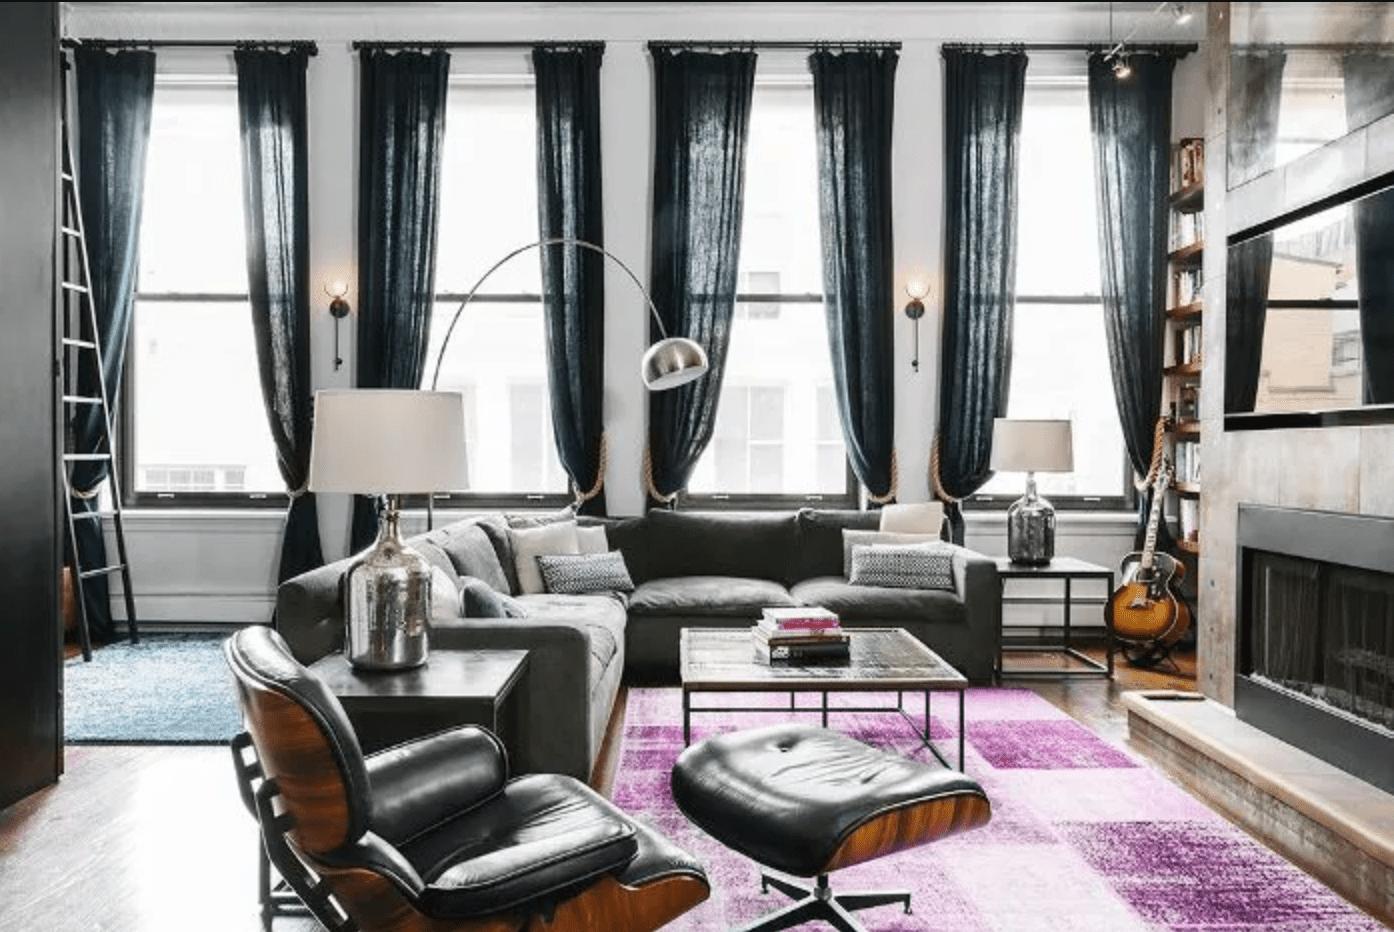 Industrial chic Manhattan loft living room